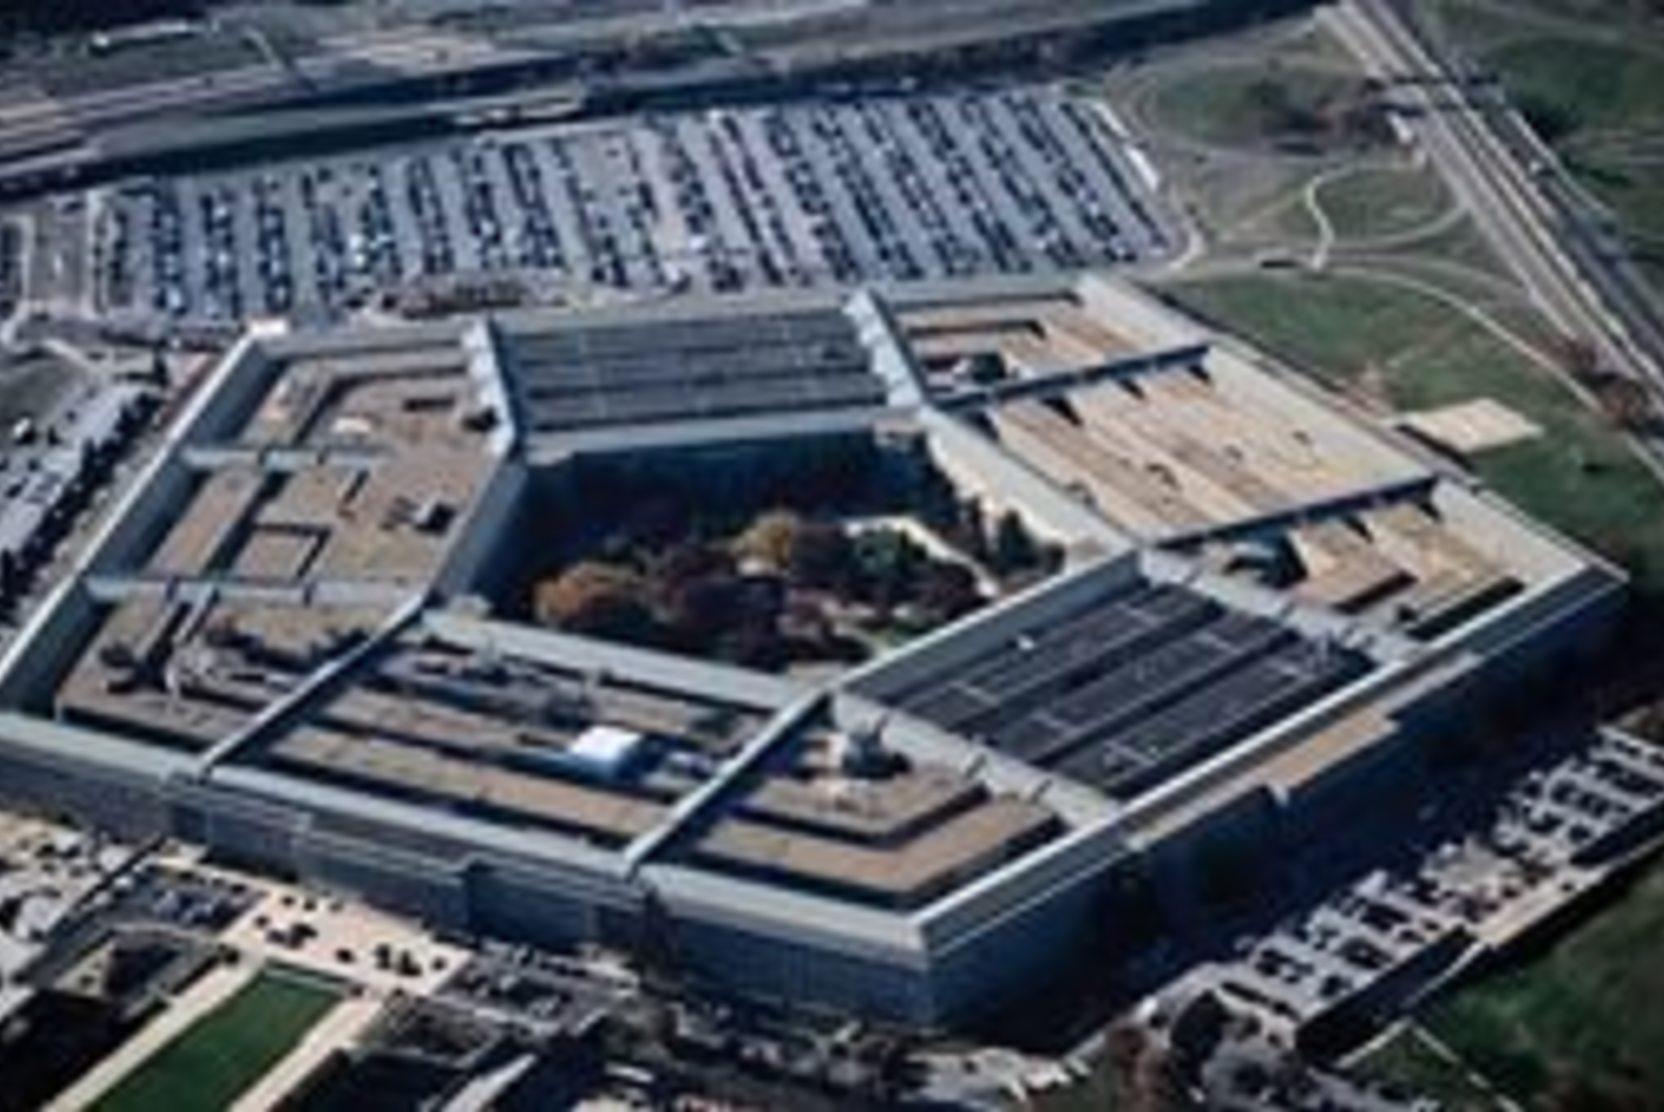 В Пентагоне не комментируют инцидент с британским эсминцем в Черном море